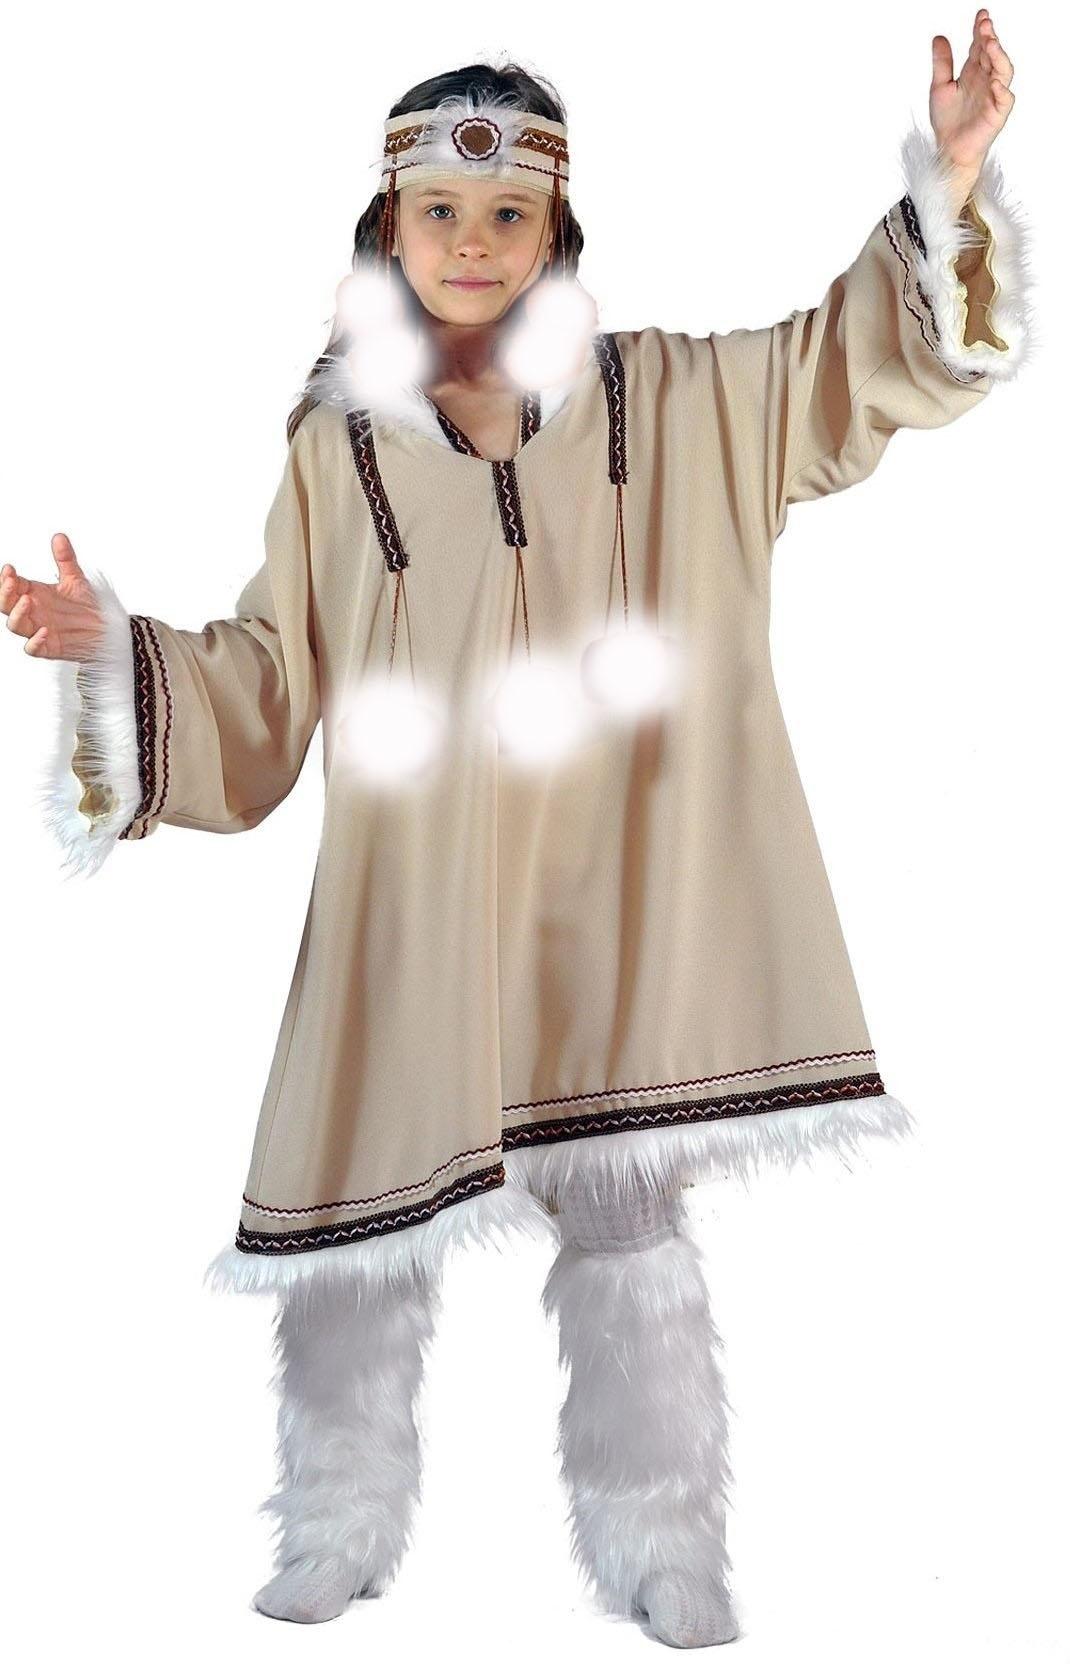 Национальный костюм северного народа (34) украинский национальный костюм для девочки киев